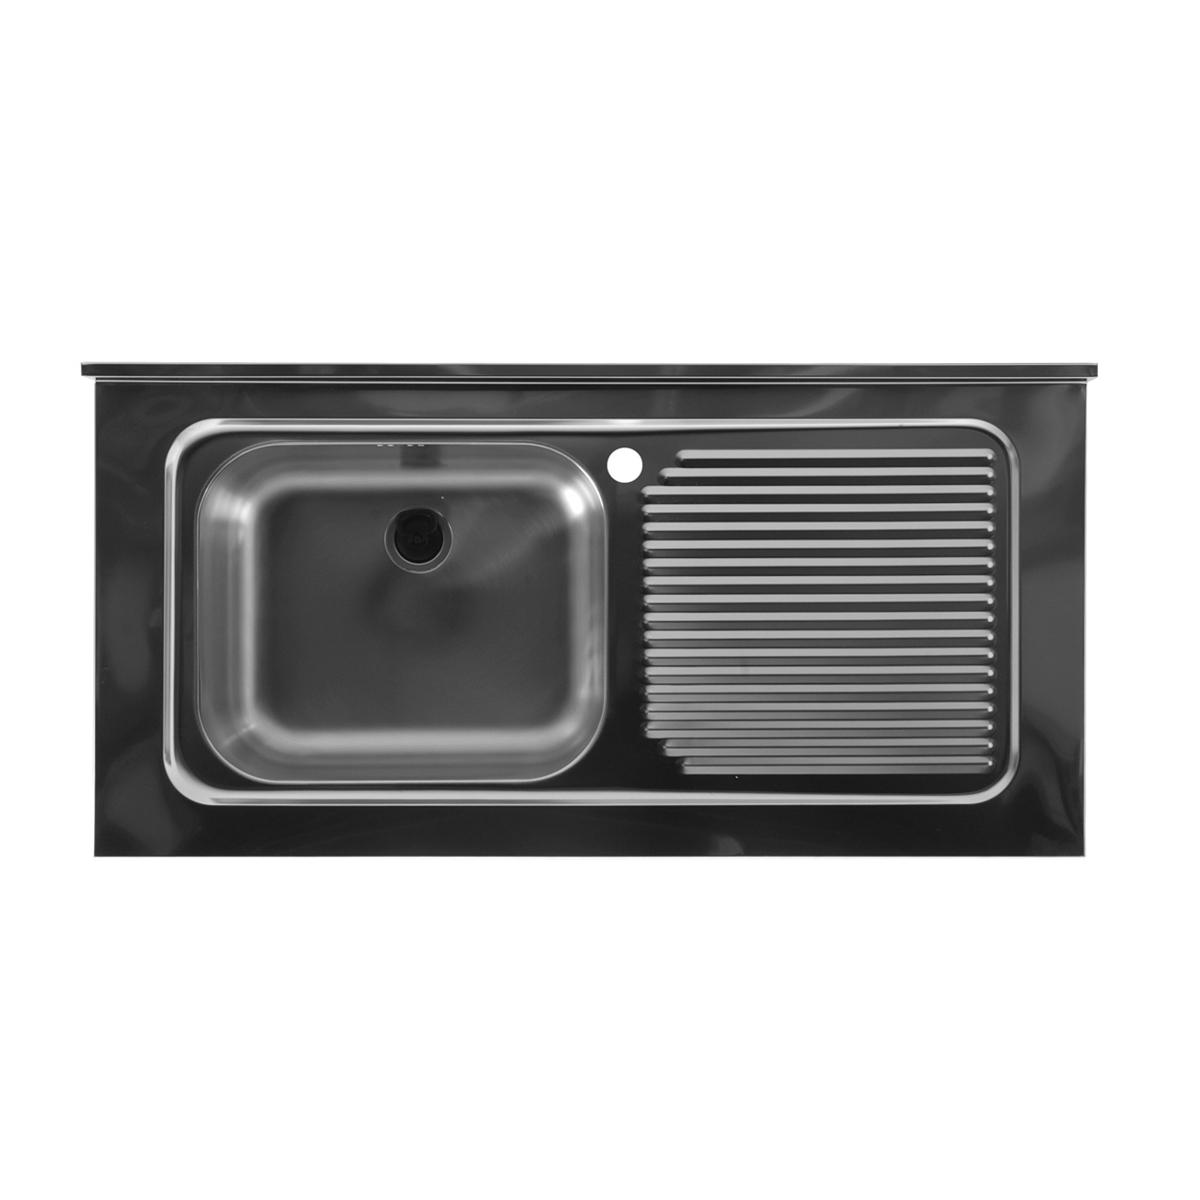 Lavello inox con vasca a sinistra 100x50